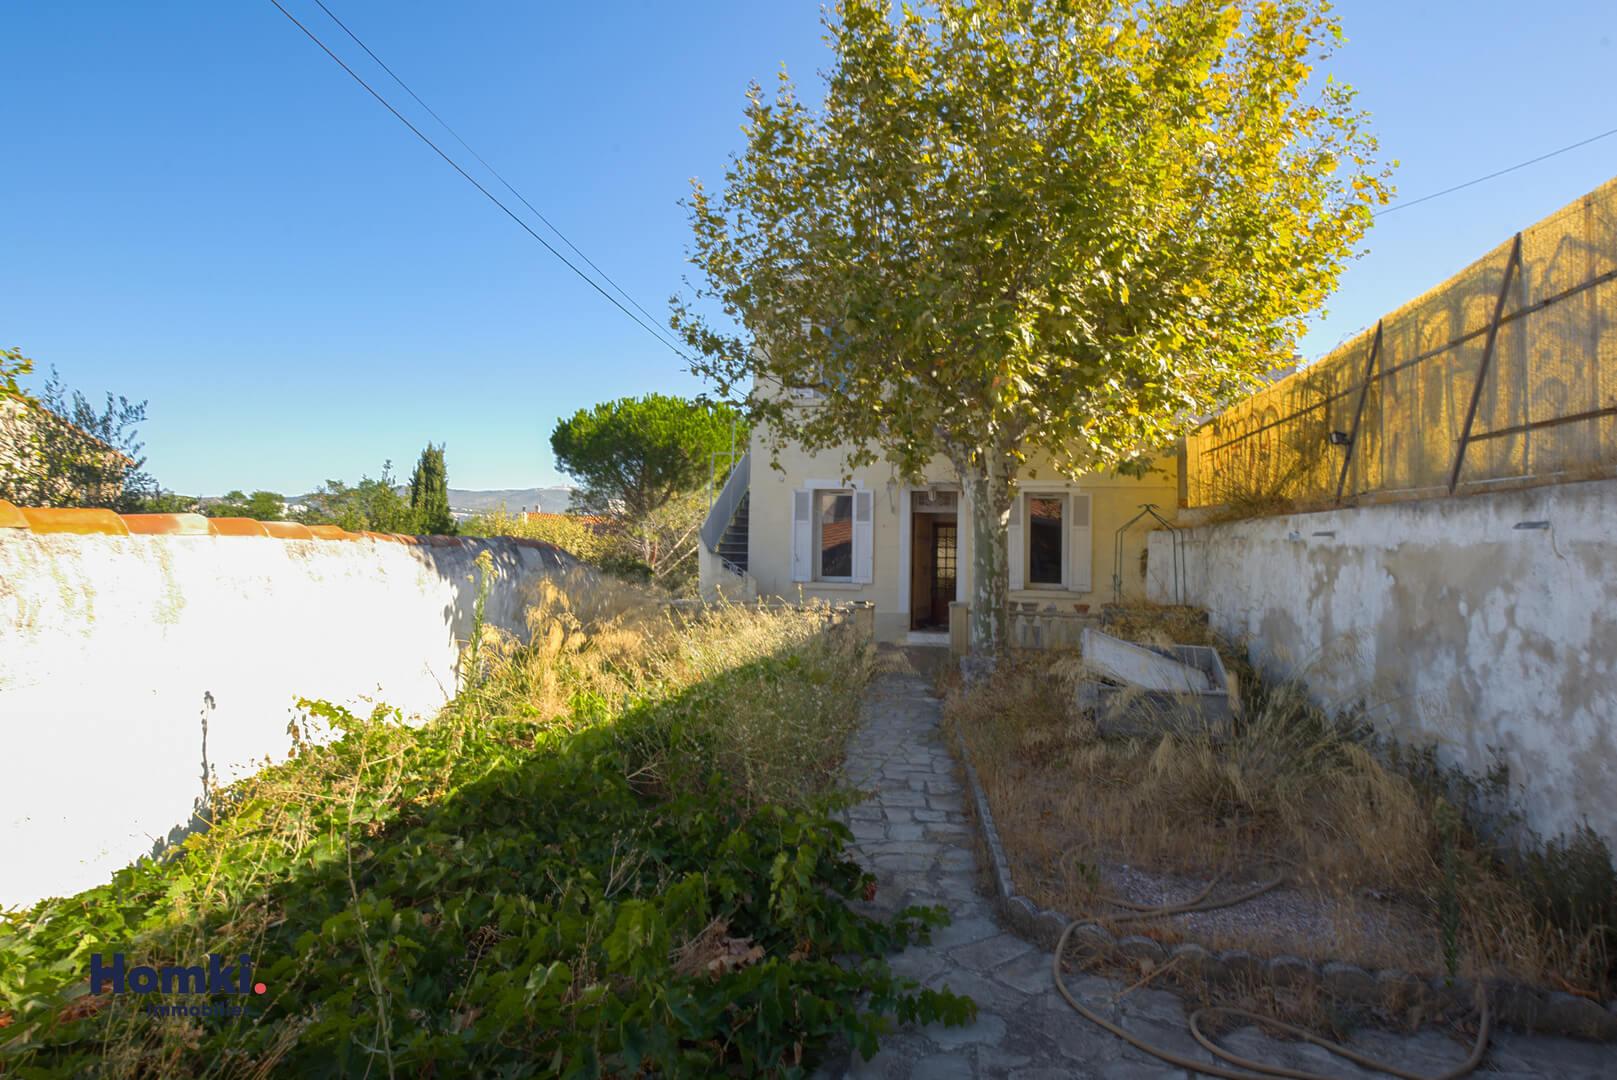 Vente Maison 100 m² T5 13012 Marseille_1